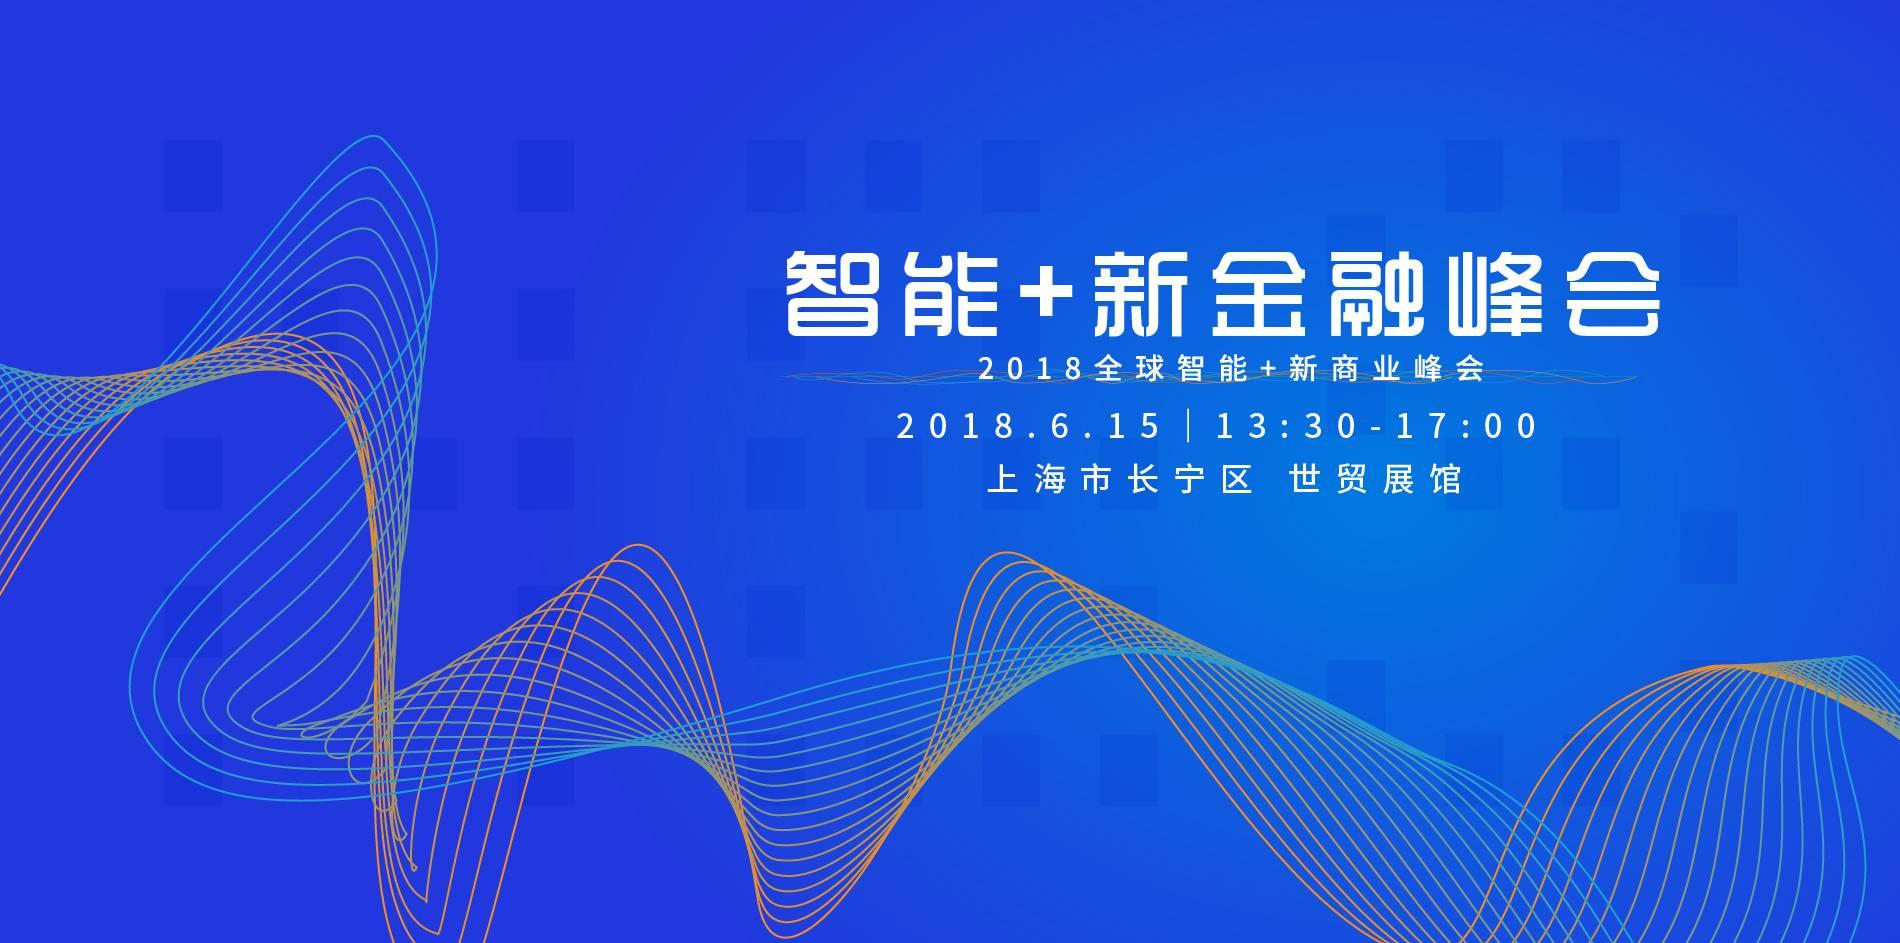 【活动】2018全球智能+新商业峰会——智能+新金融峰会(官方报名通道)-亿欧